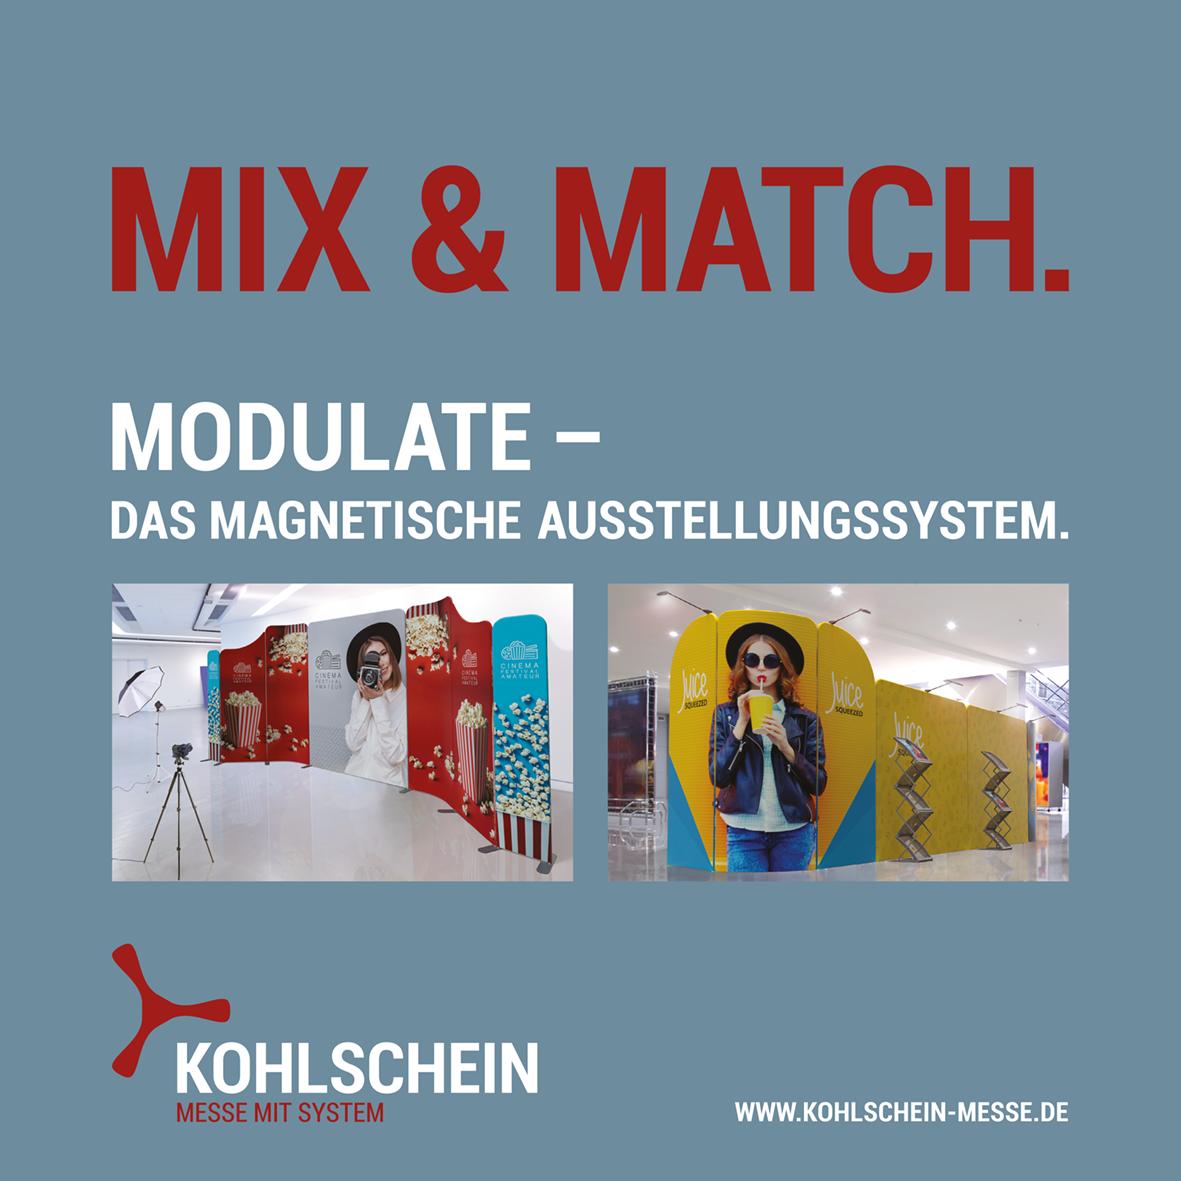 KIT DEMO Modulate 660 x 660_KOHLSCHEIN_N